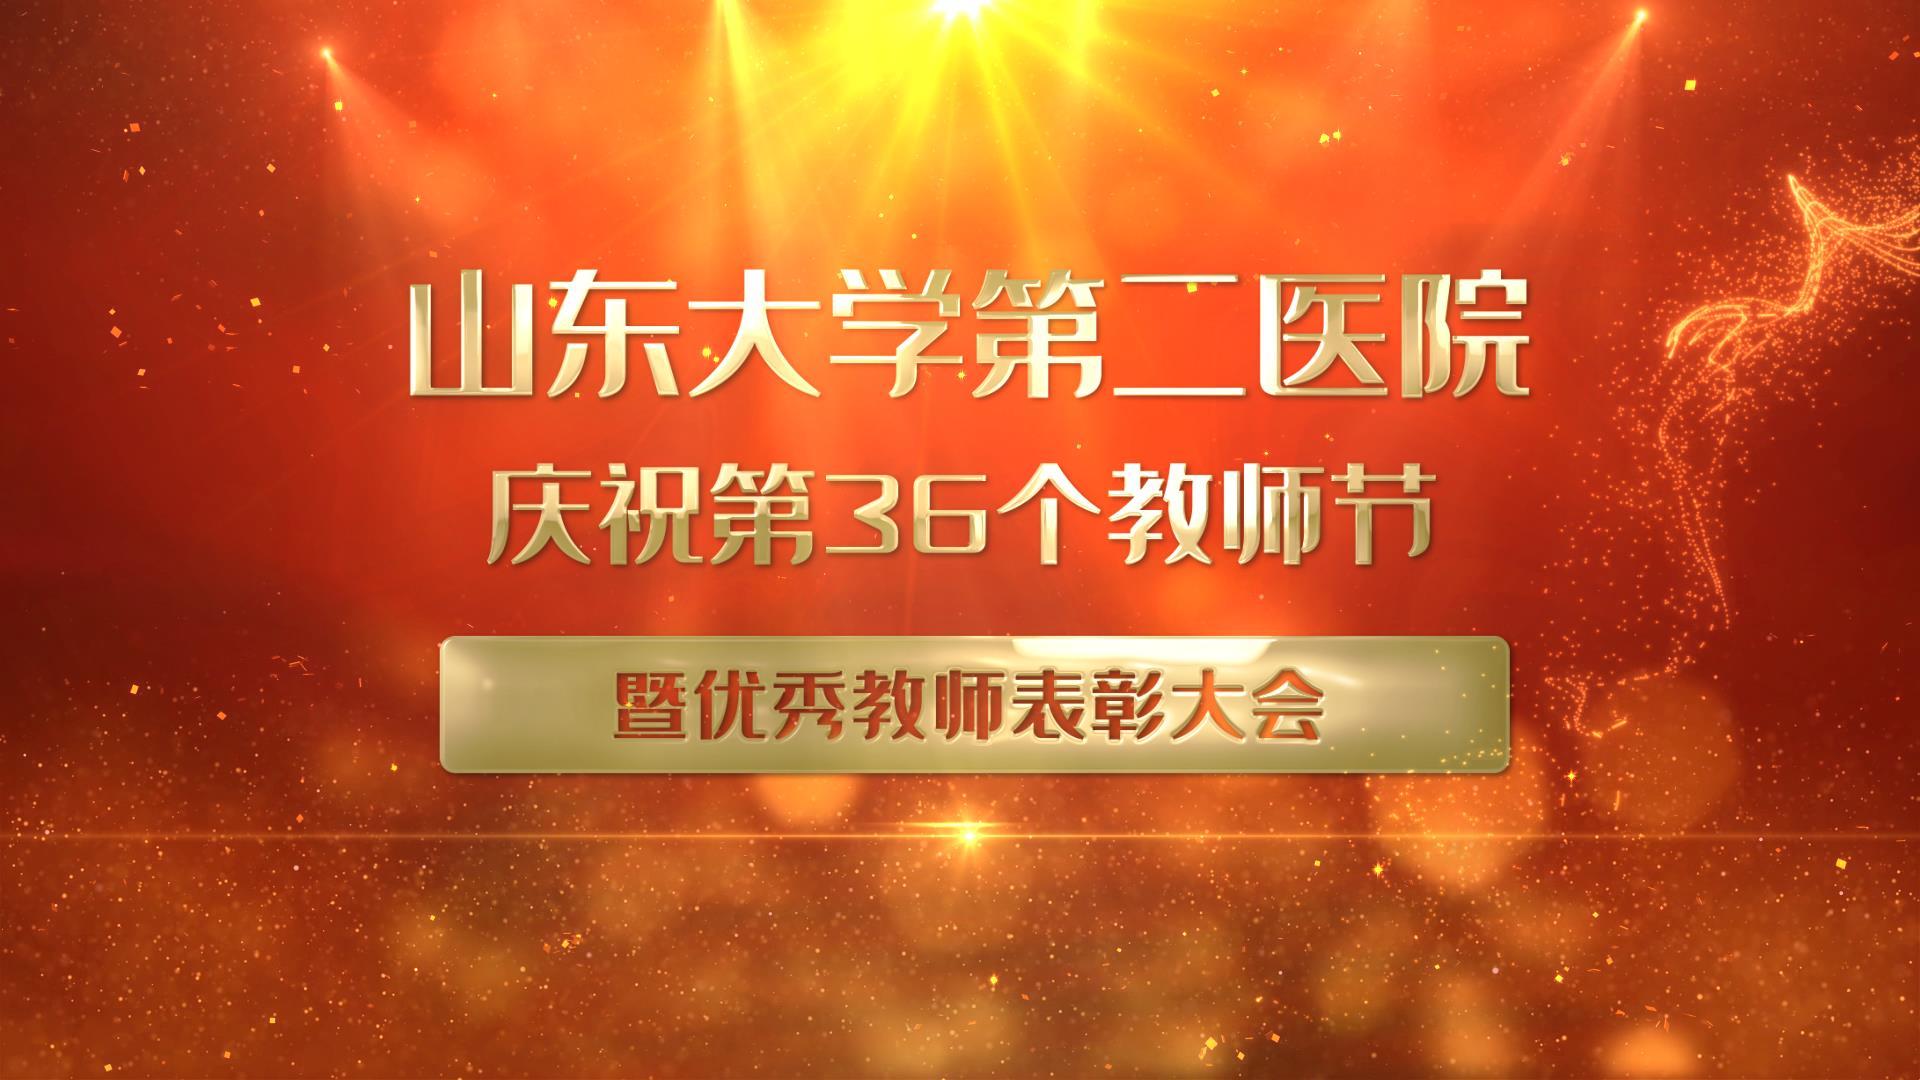 山東大學第二醫院慶祝第36個教師節暨優秀教師表彰大會